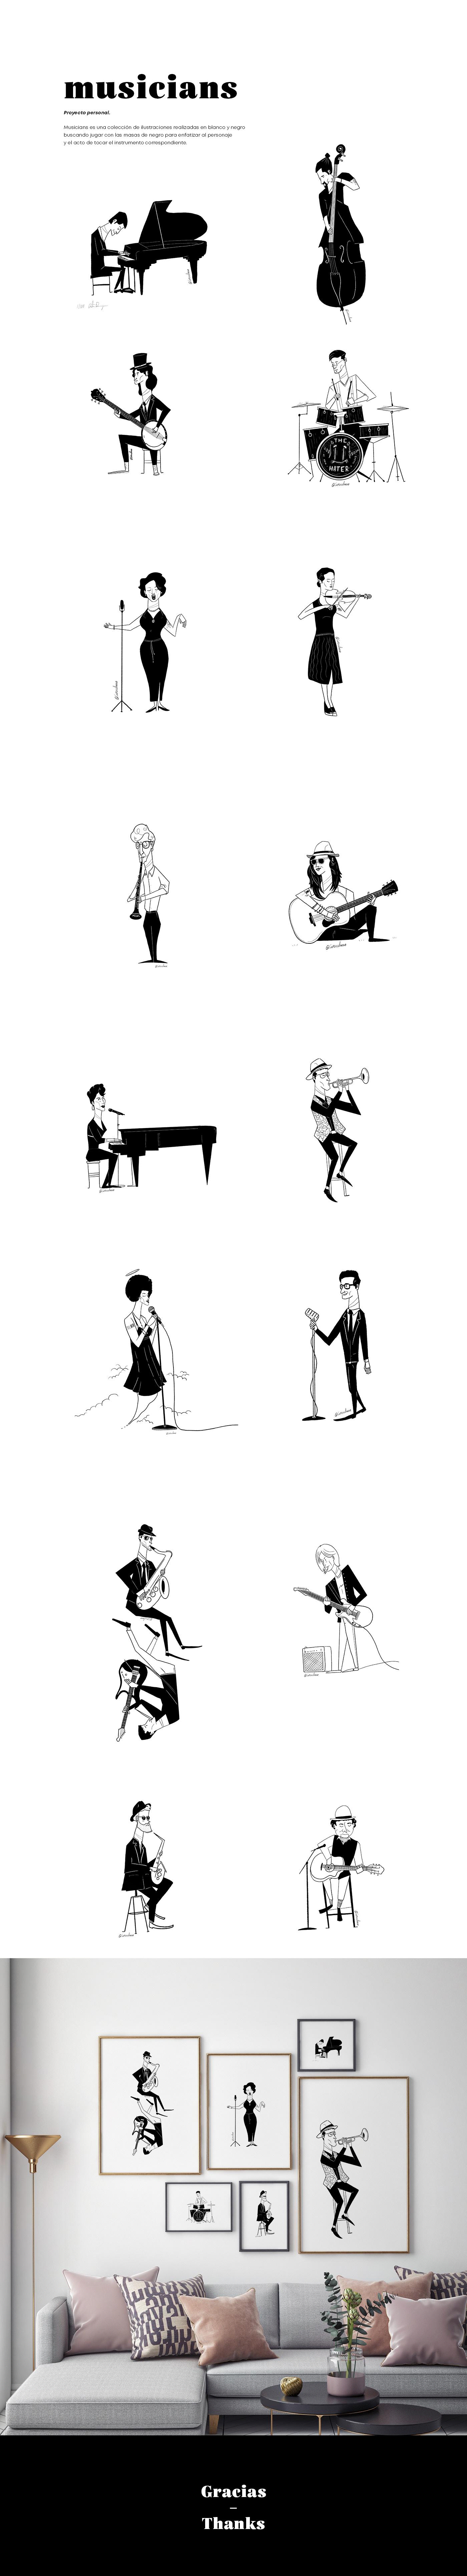 blanco y negro ilustracion musica poster print